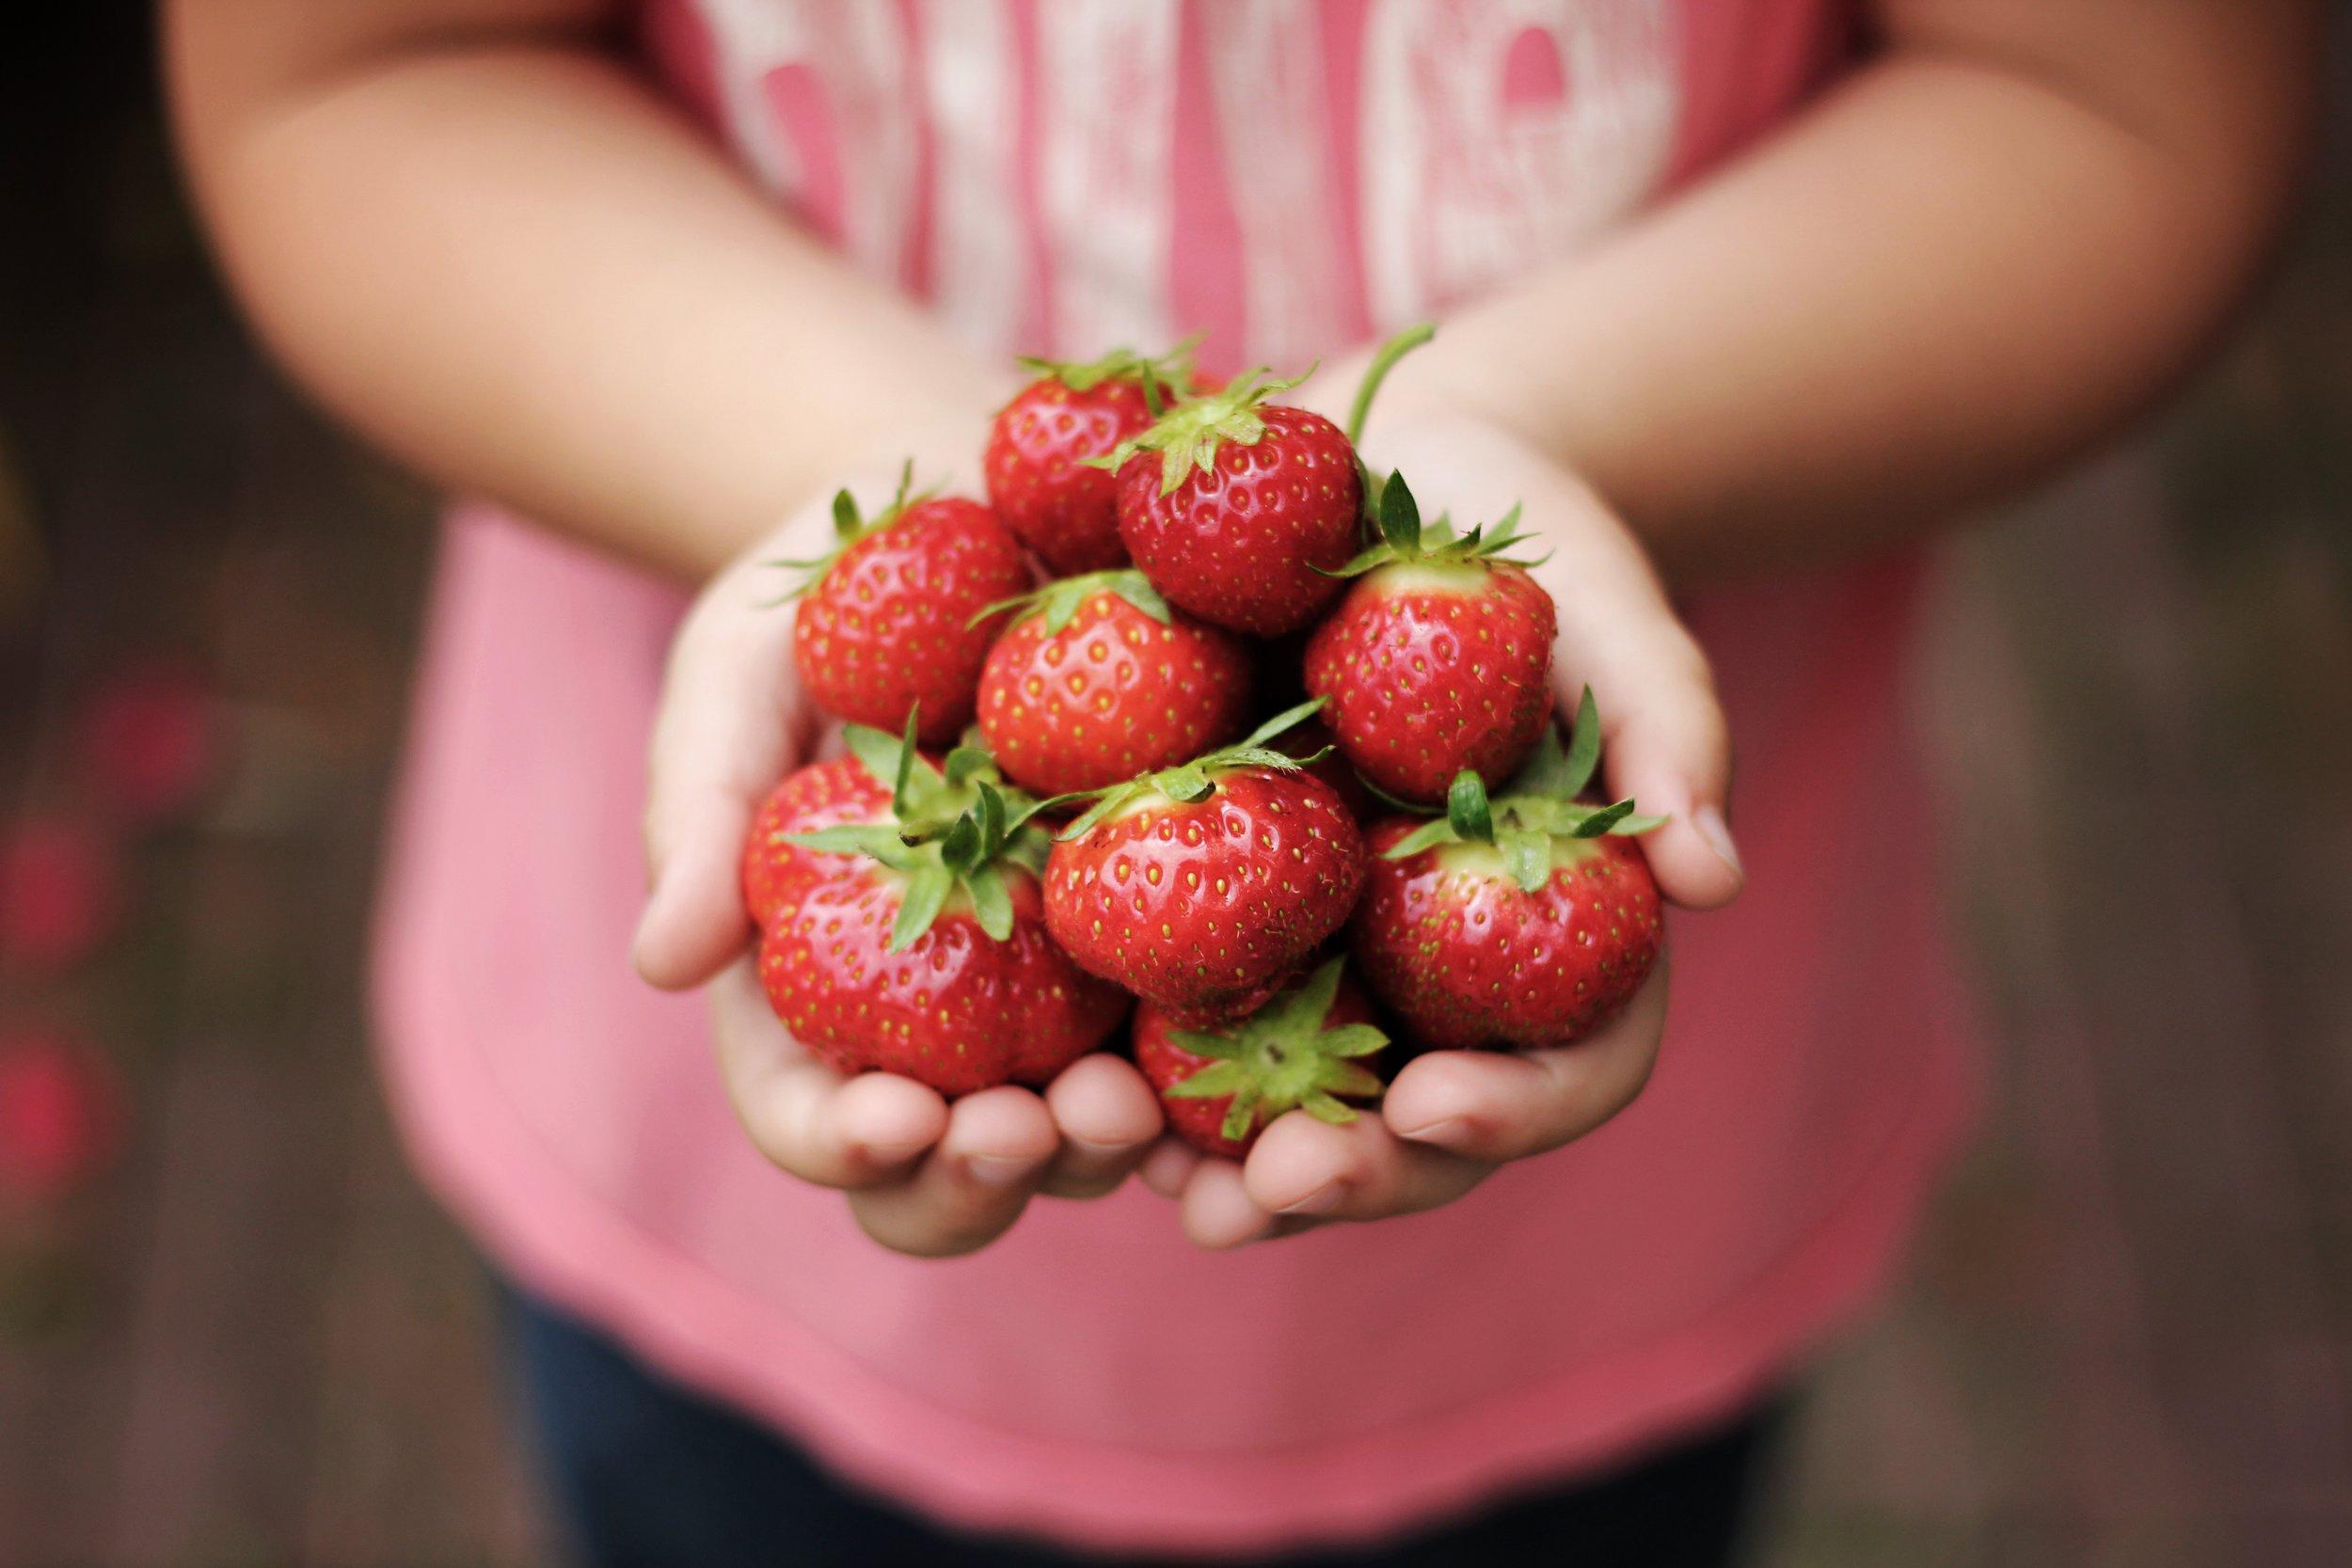 Quand tu ramènes tes fraises - -Quand vous ramenez vos fraises-